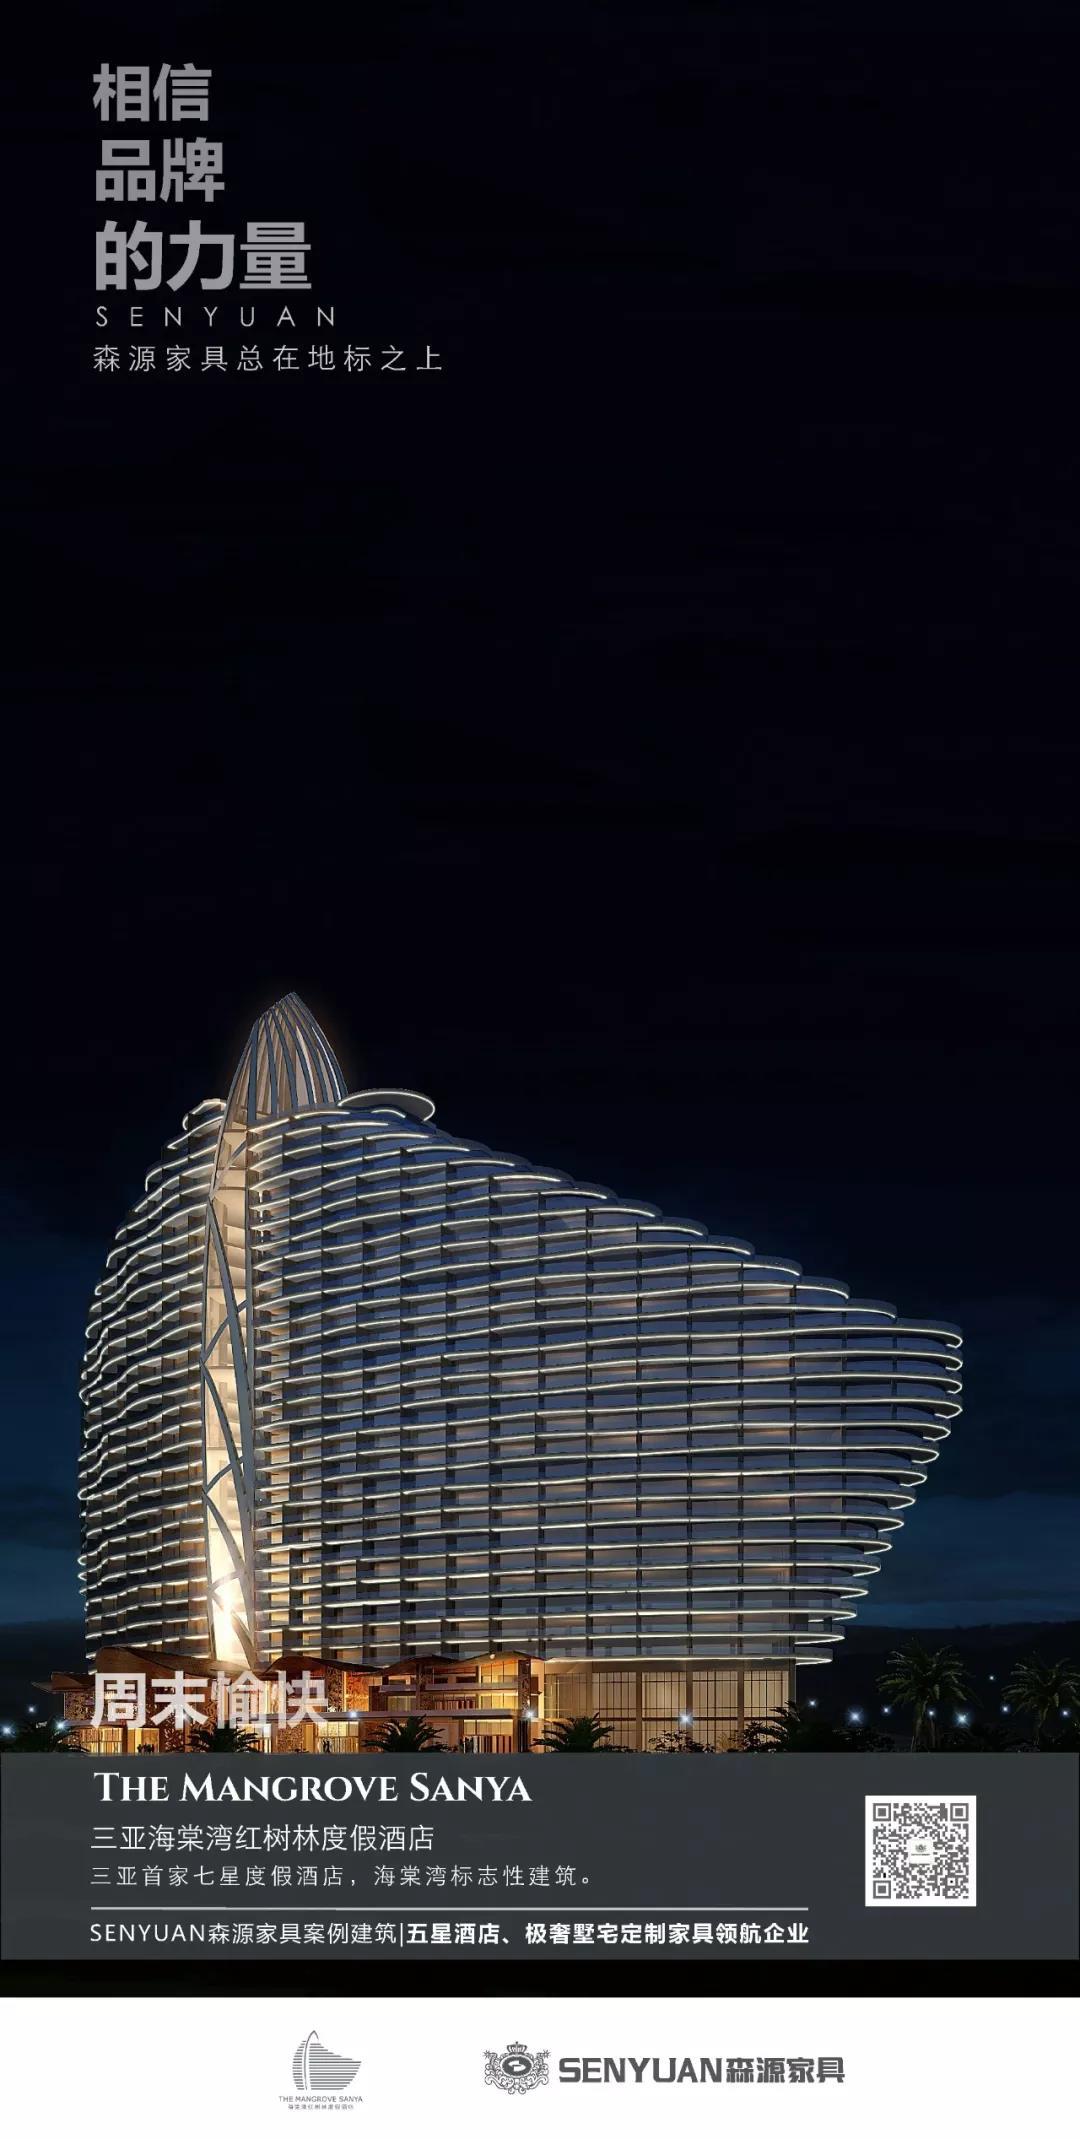 亚博体育官网app家具总在地标之上【三亚海棠湾红树林度假酒店】